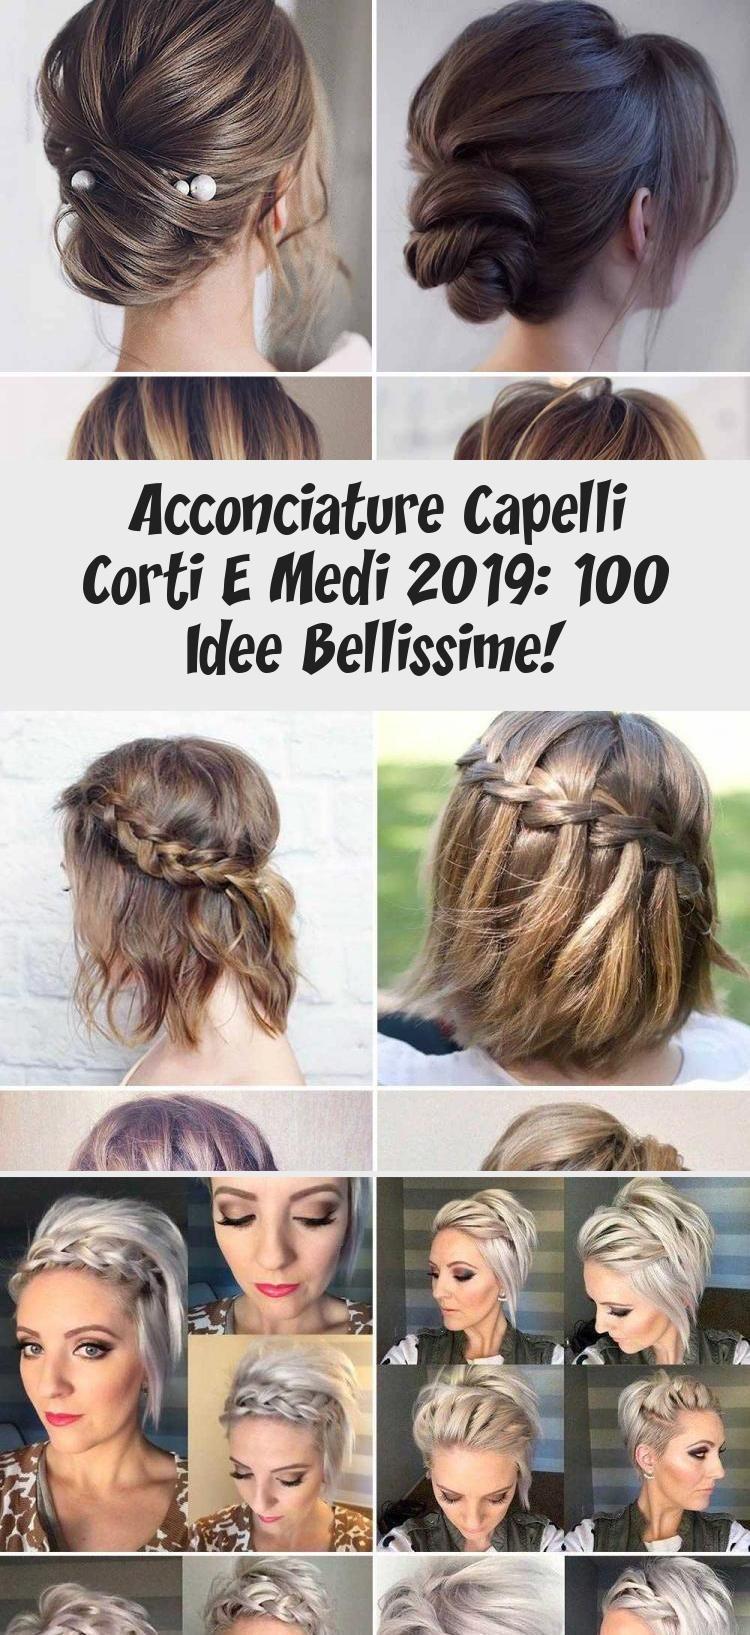 Acconciature Capelli Corti E Medi 2019: 100 Idee ...